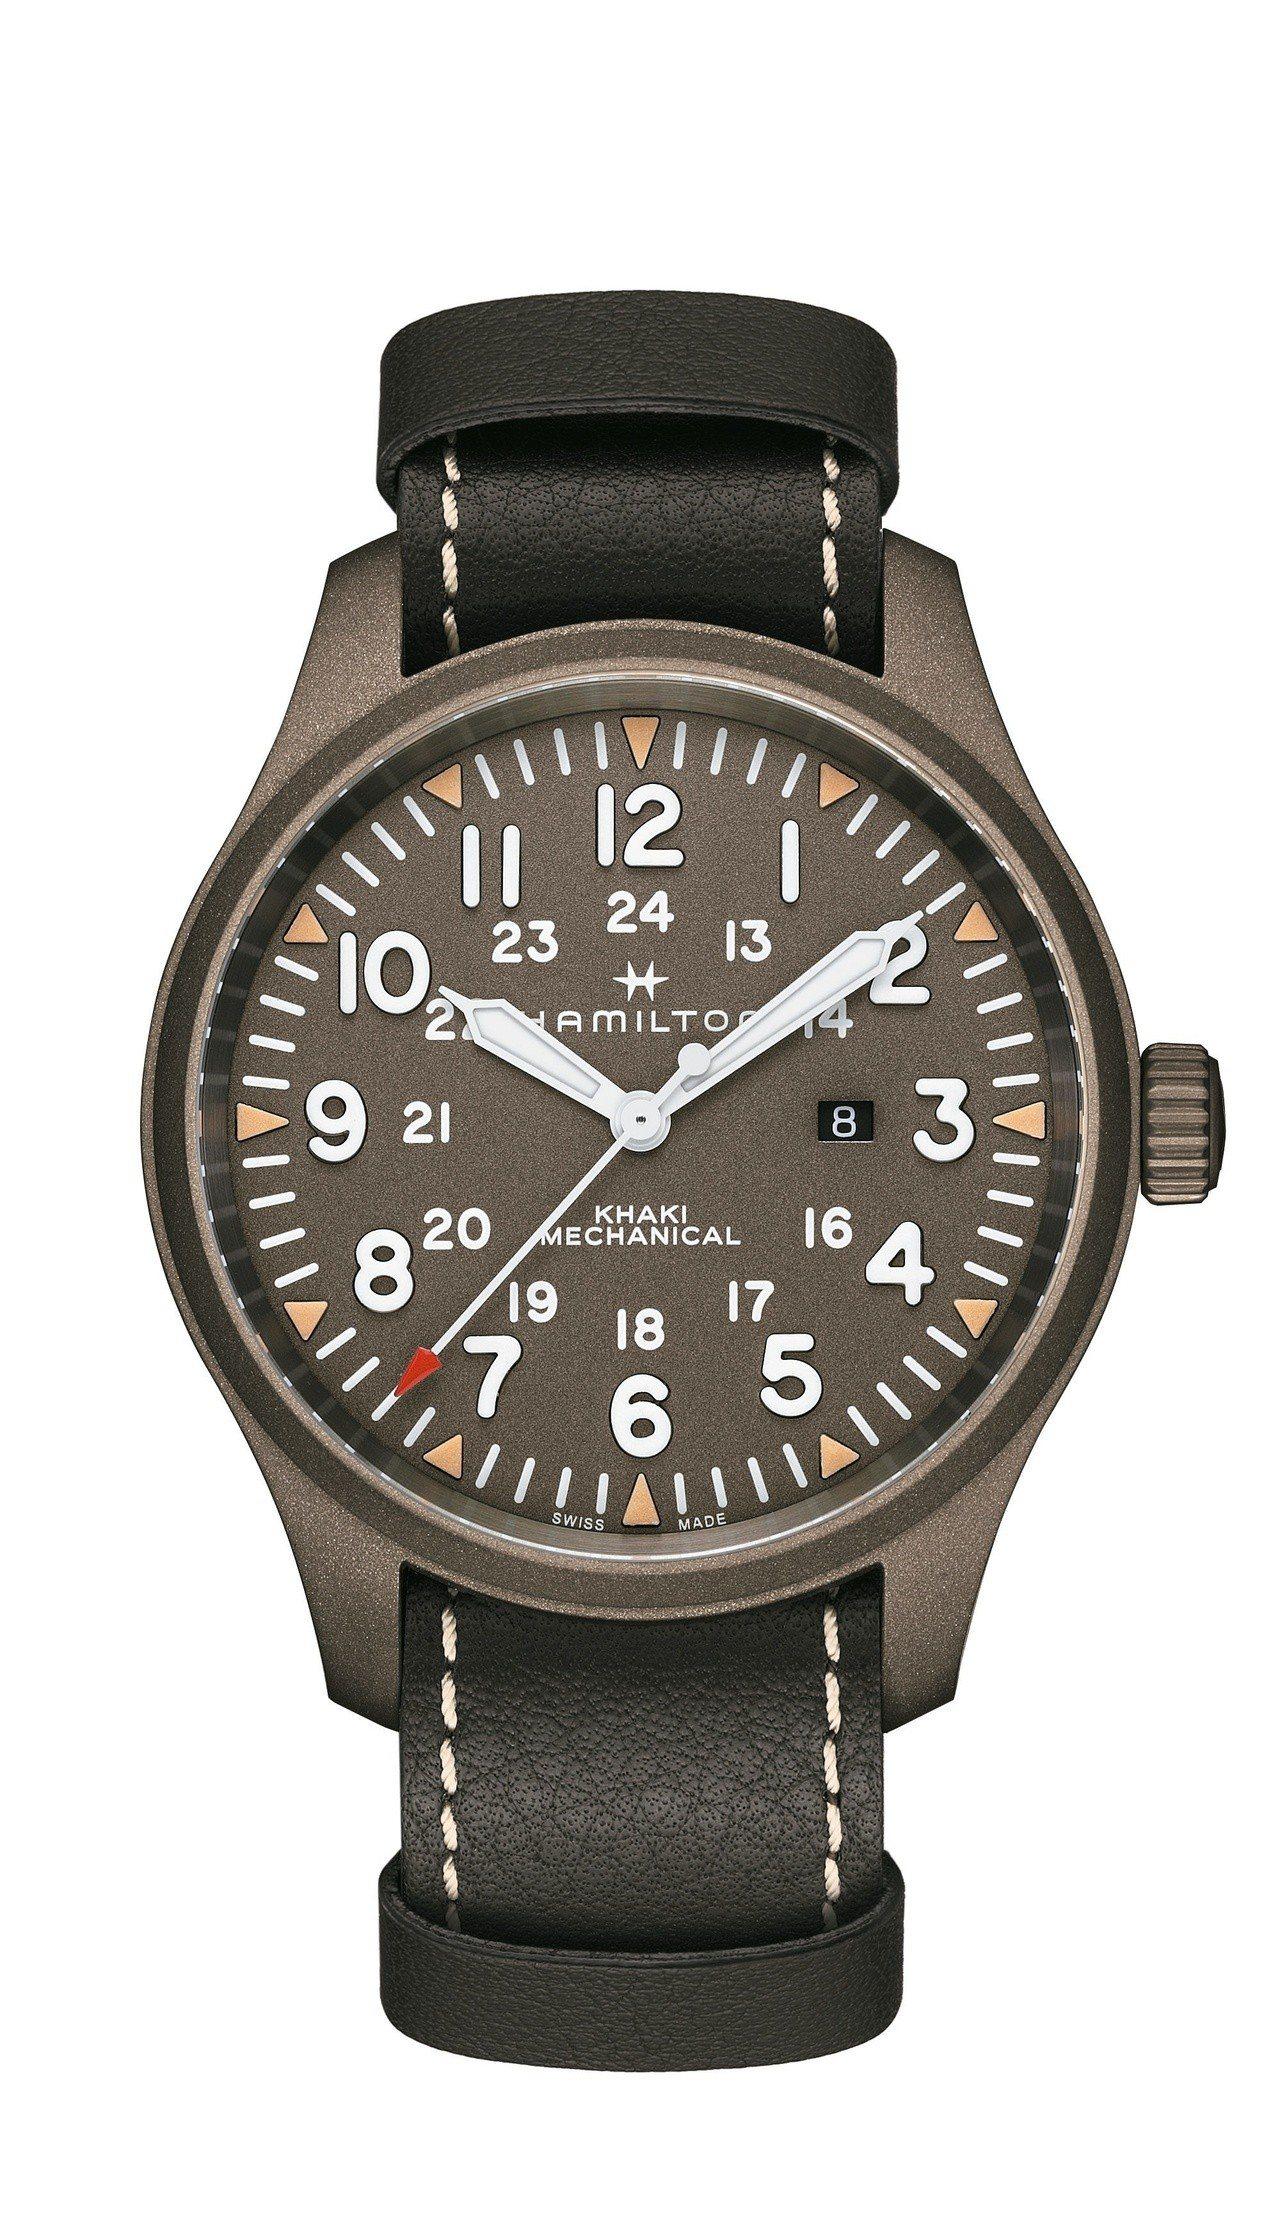 漢米爾頓Khaki Field陸戰50手上鍊腕表,搭載品牌專屬H-50機芯,全台...